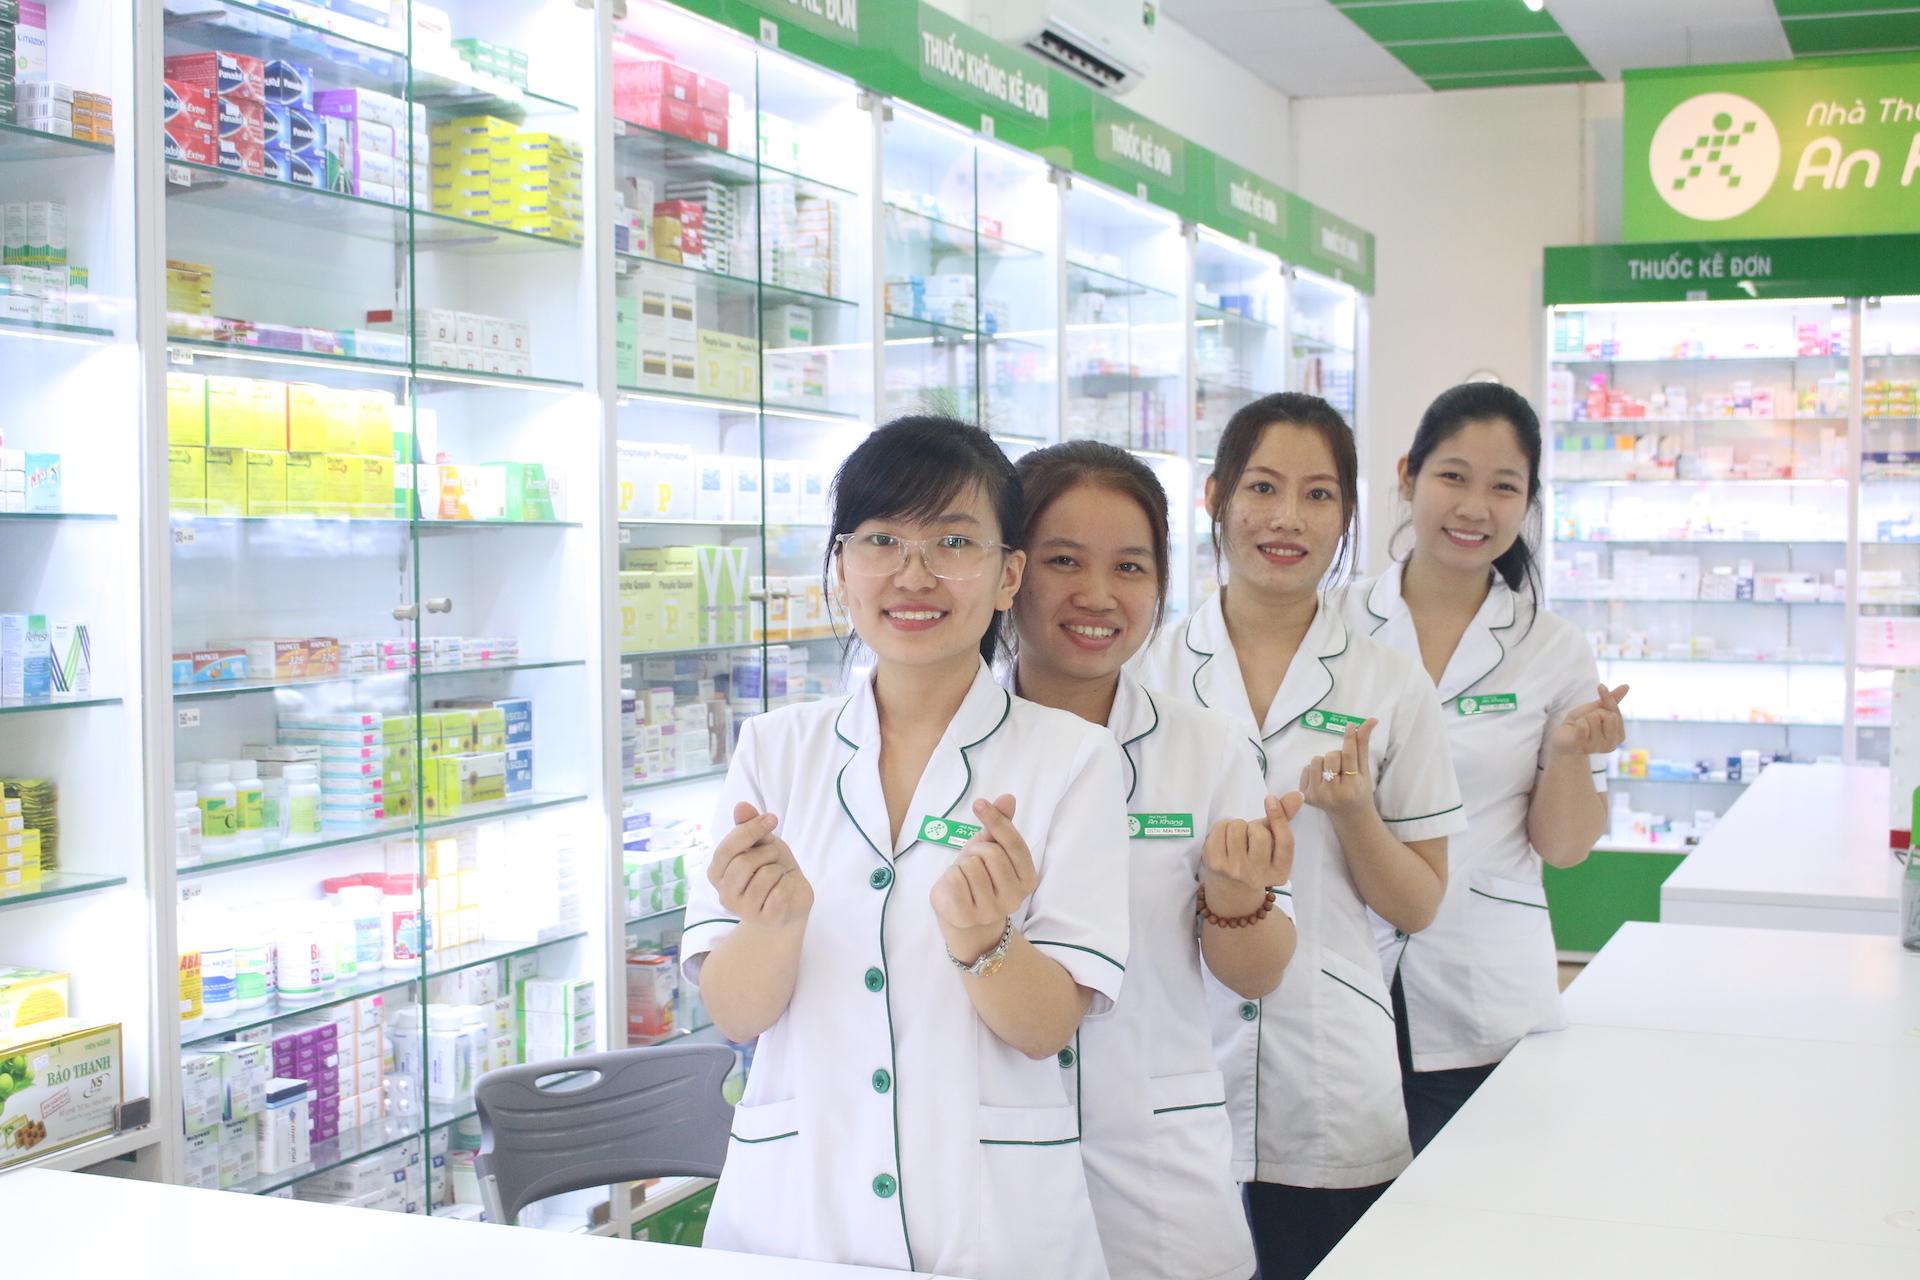 : Học Cao đẳng Dược có được mở nhà thuốc không?